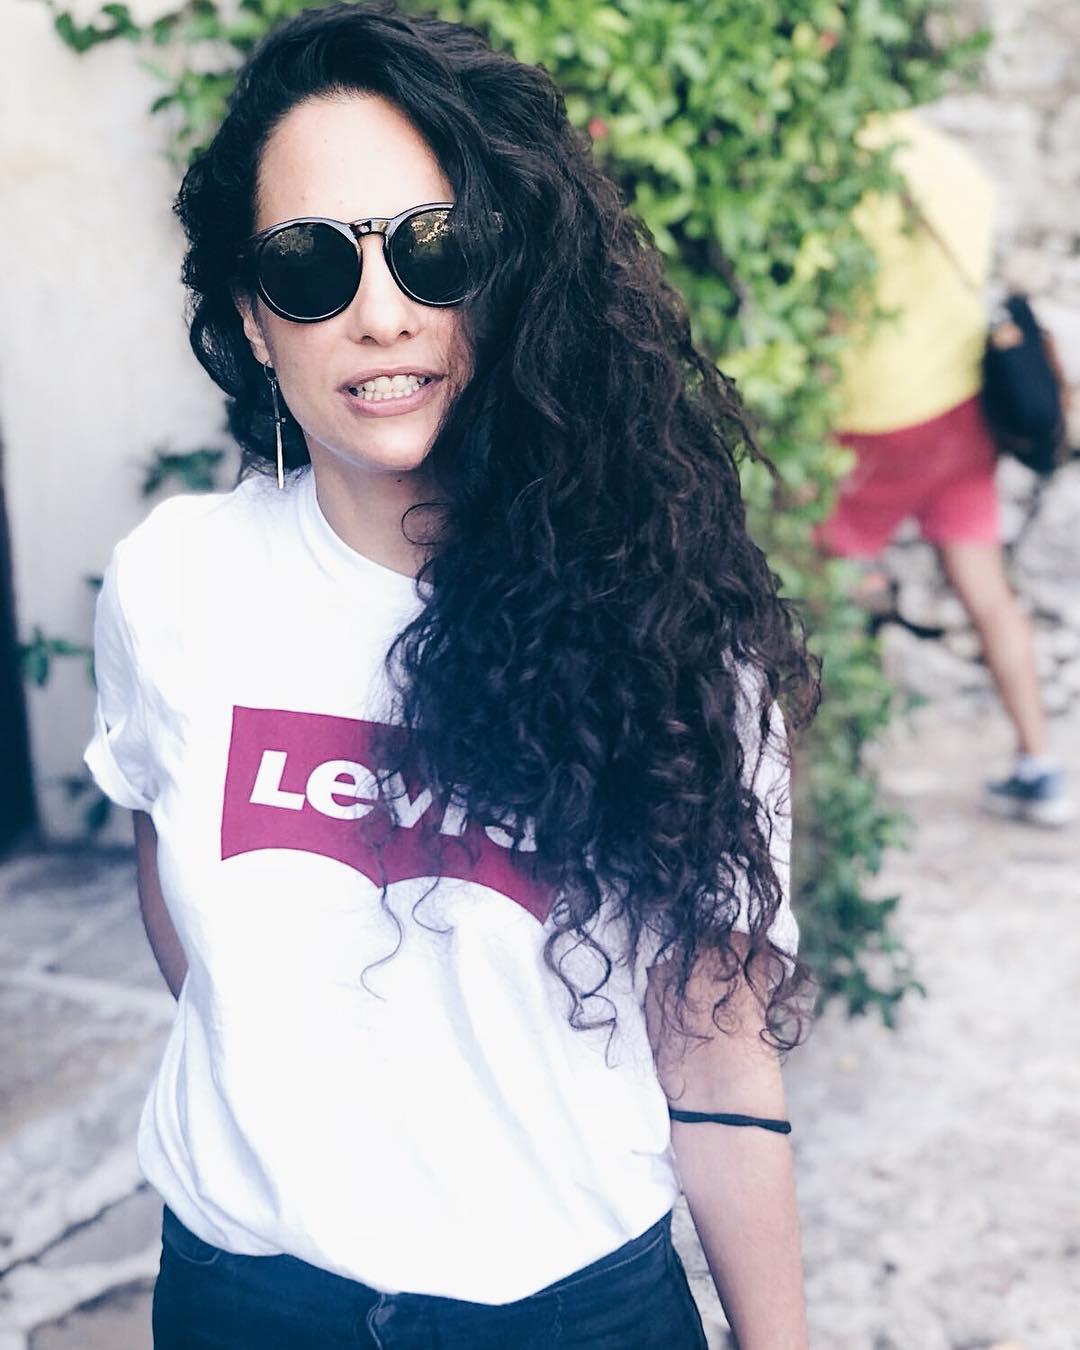 t-shirt levis blanc de Les Bourgeoises sur rachcarb